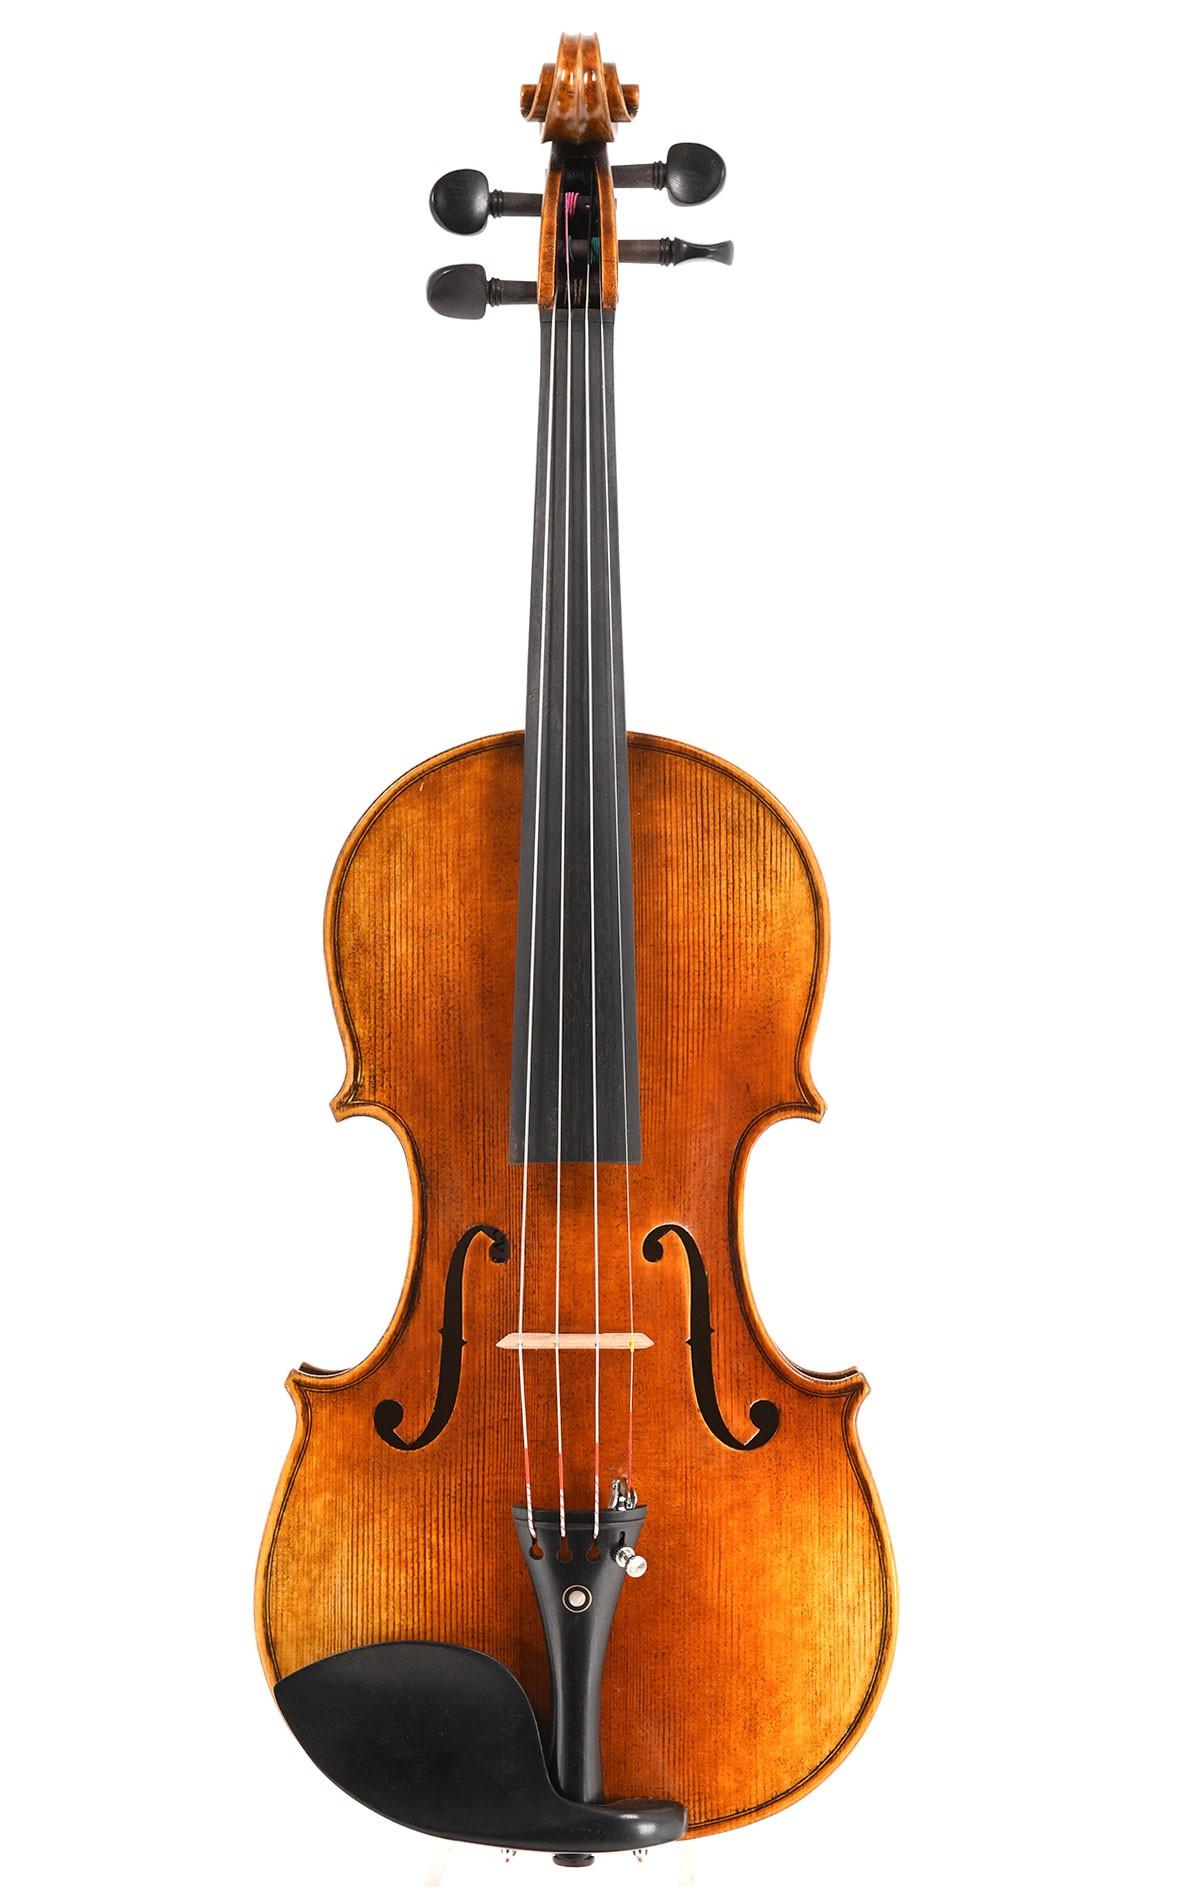 CV Selectio violin opus 8